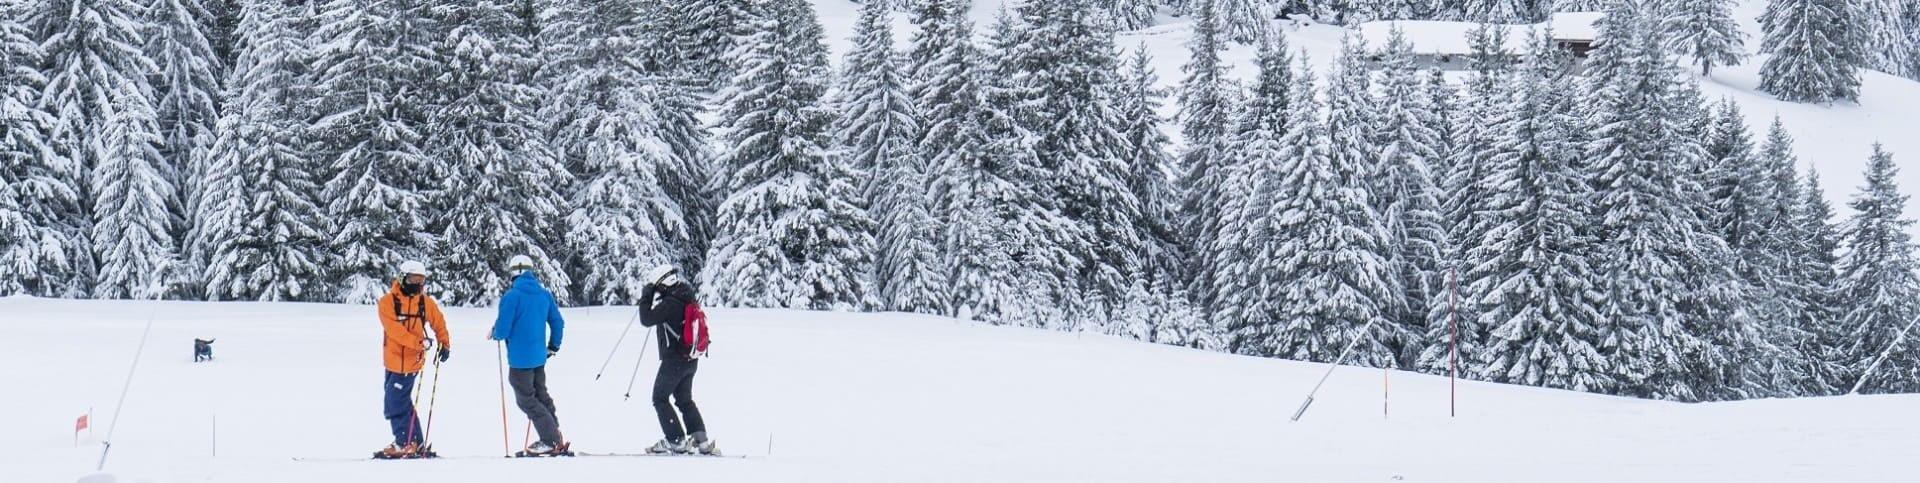 Skieurs sur les pistes de ski à Châtel 74